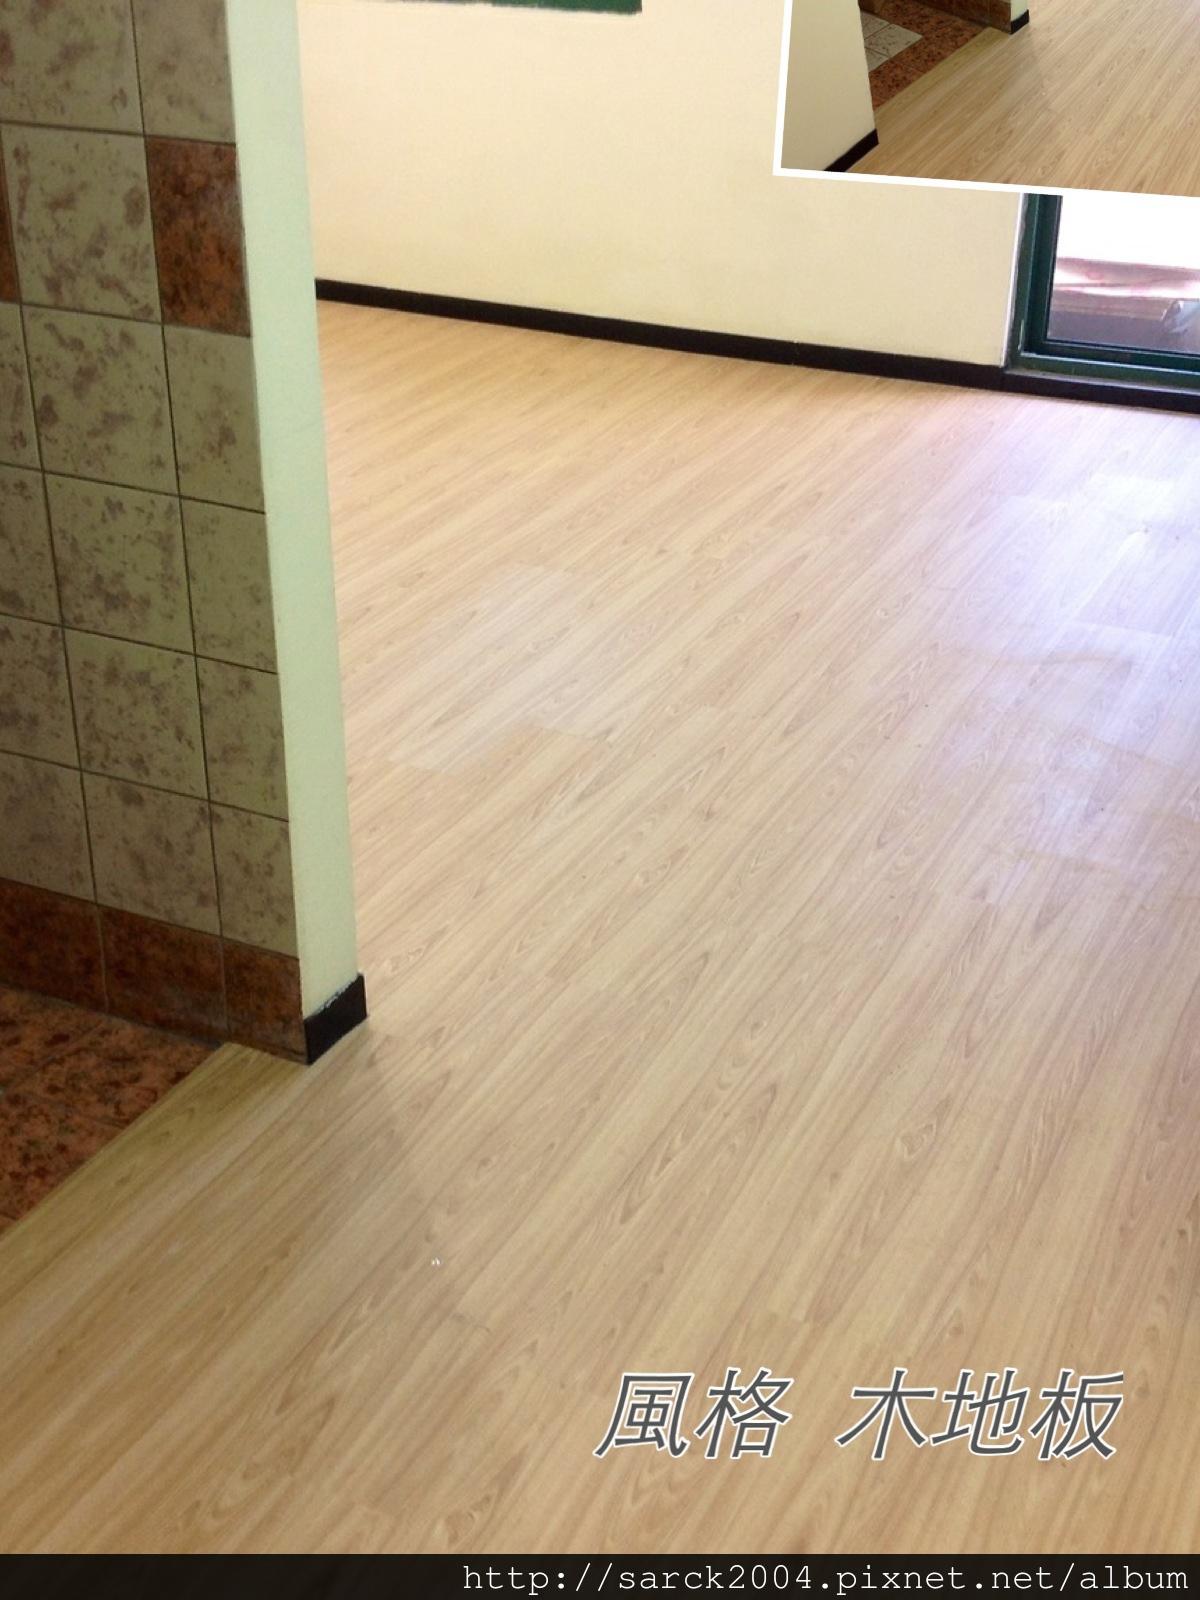 風格木地板2013*新北市圓通路直鋪木地板施工(送黑色靜音墊)*質感超好的原木色地板(促銷商品)*品名:台灣檜木/大浮雕系列/山形紋路/超強化海島型超耐磨木地板*綠建材!